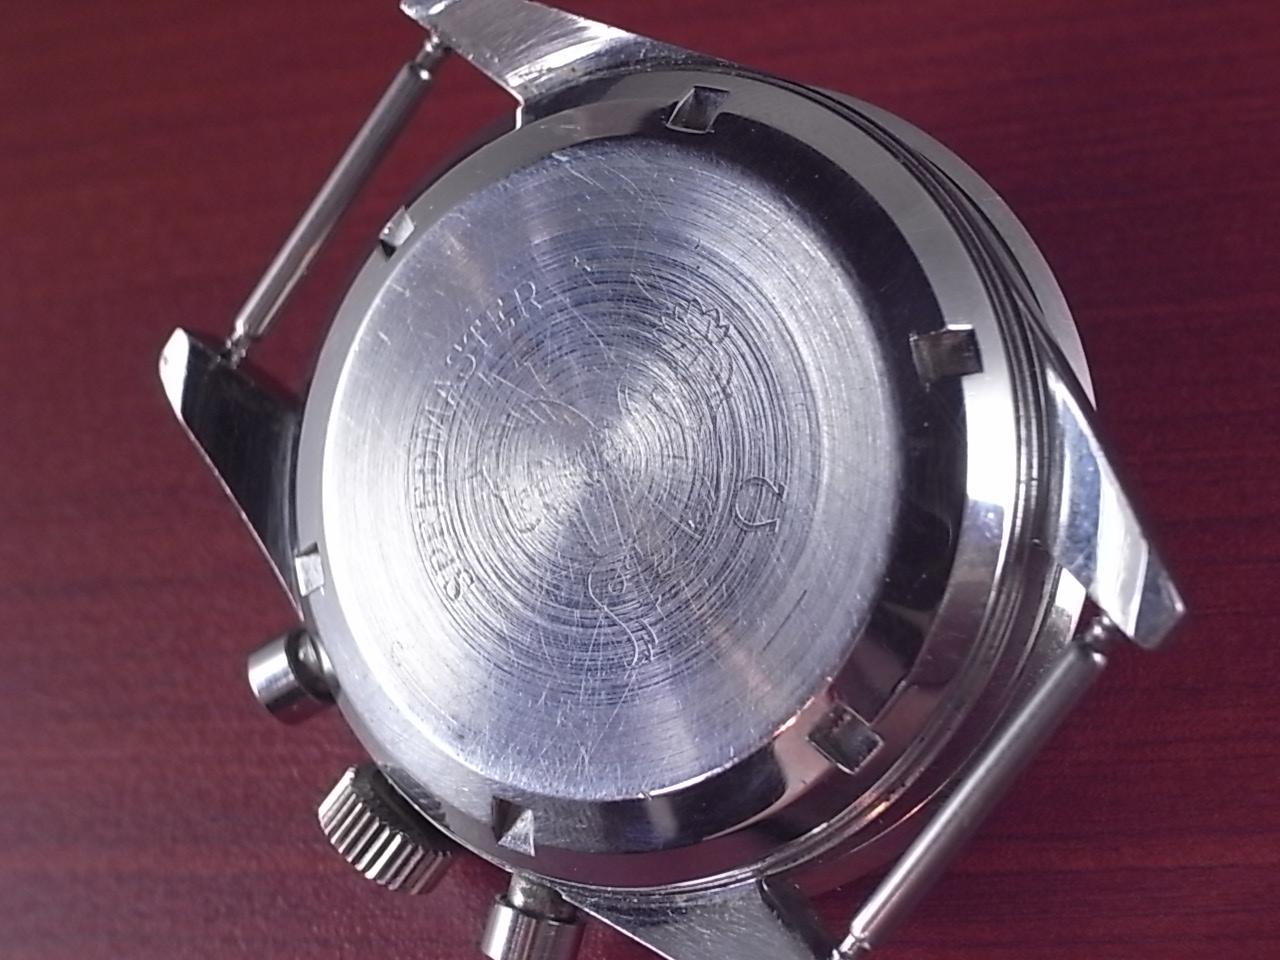 オメガ スピードマスター 3rdモデル Ref.ST 105.003-65 1966年製の写真4枚目